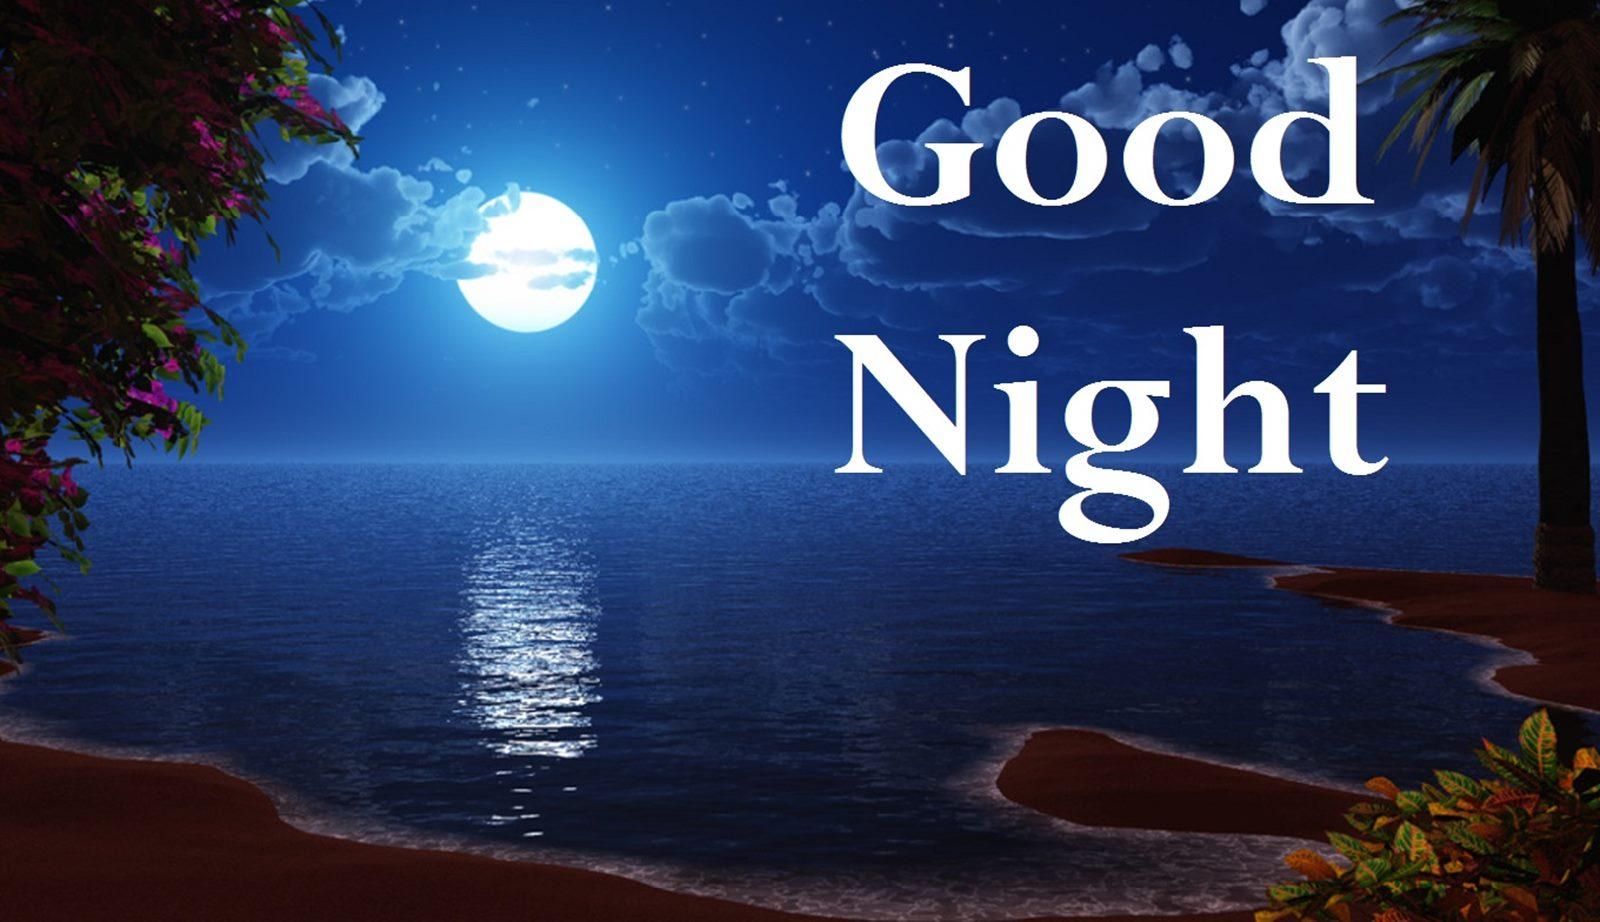 Открытки на английском спокойной ночи, приколы сериалам